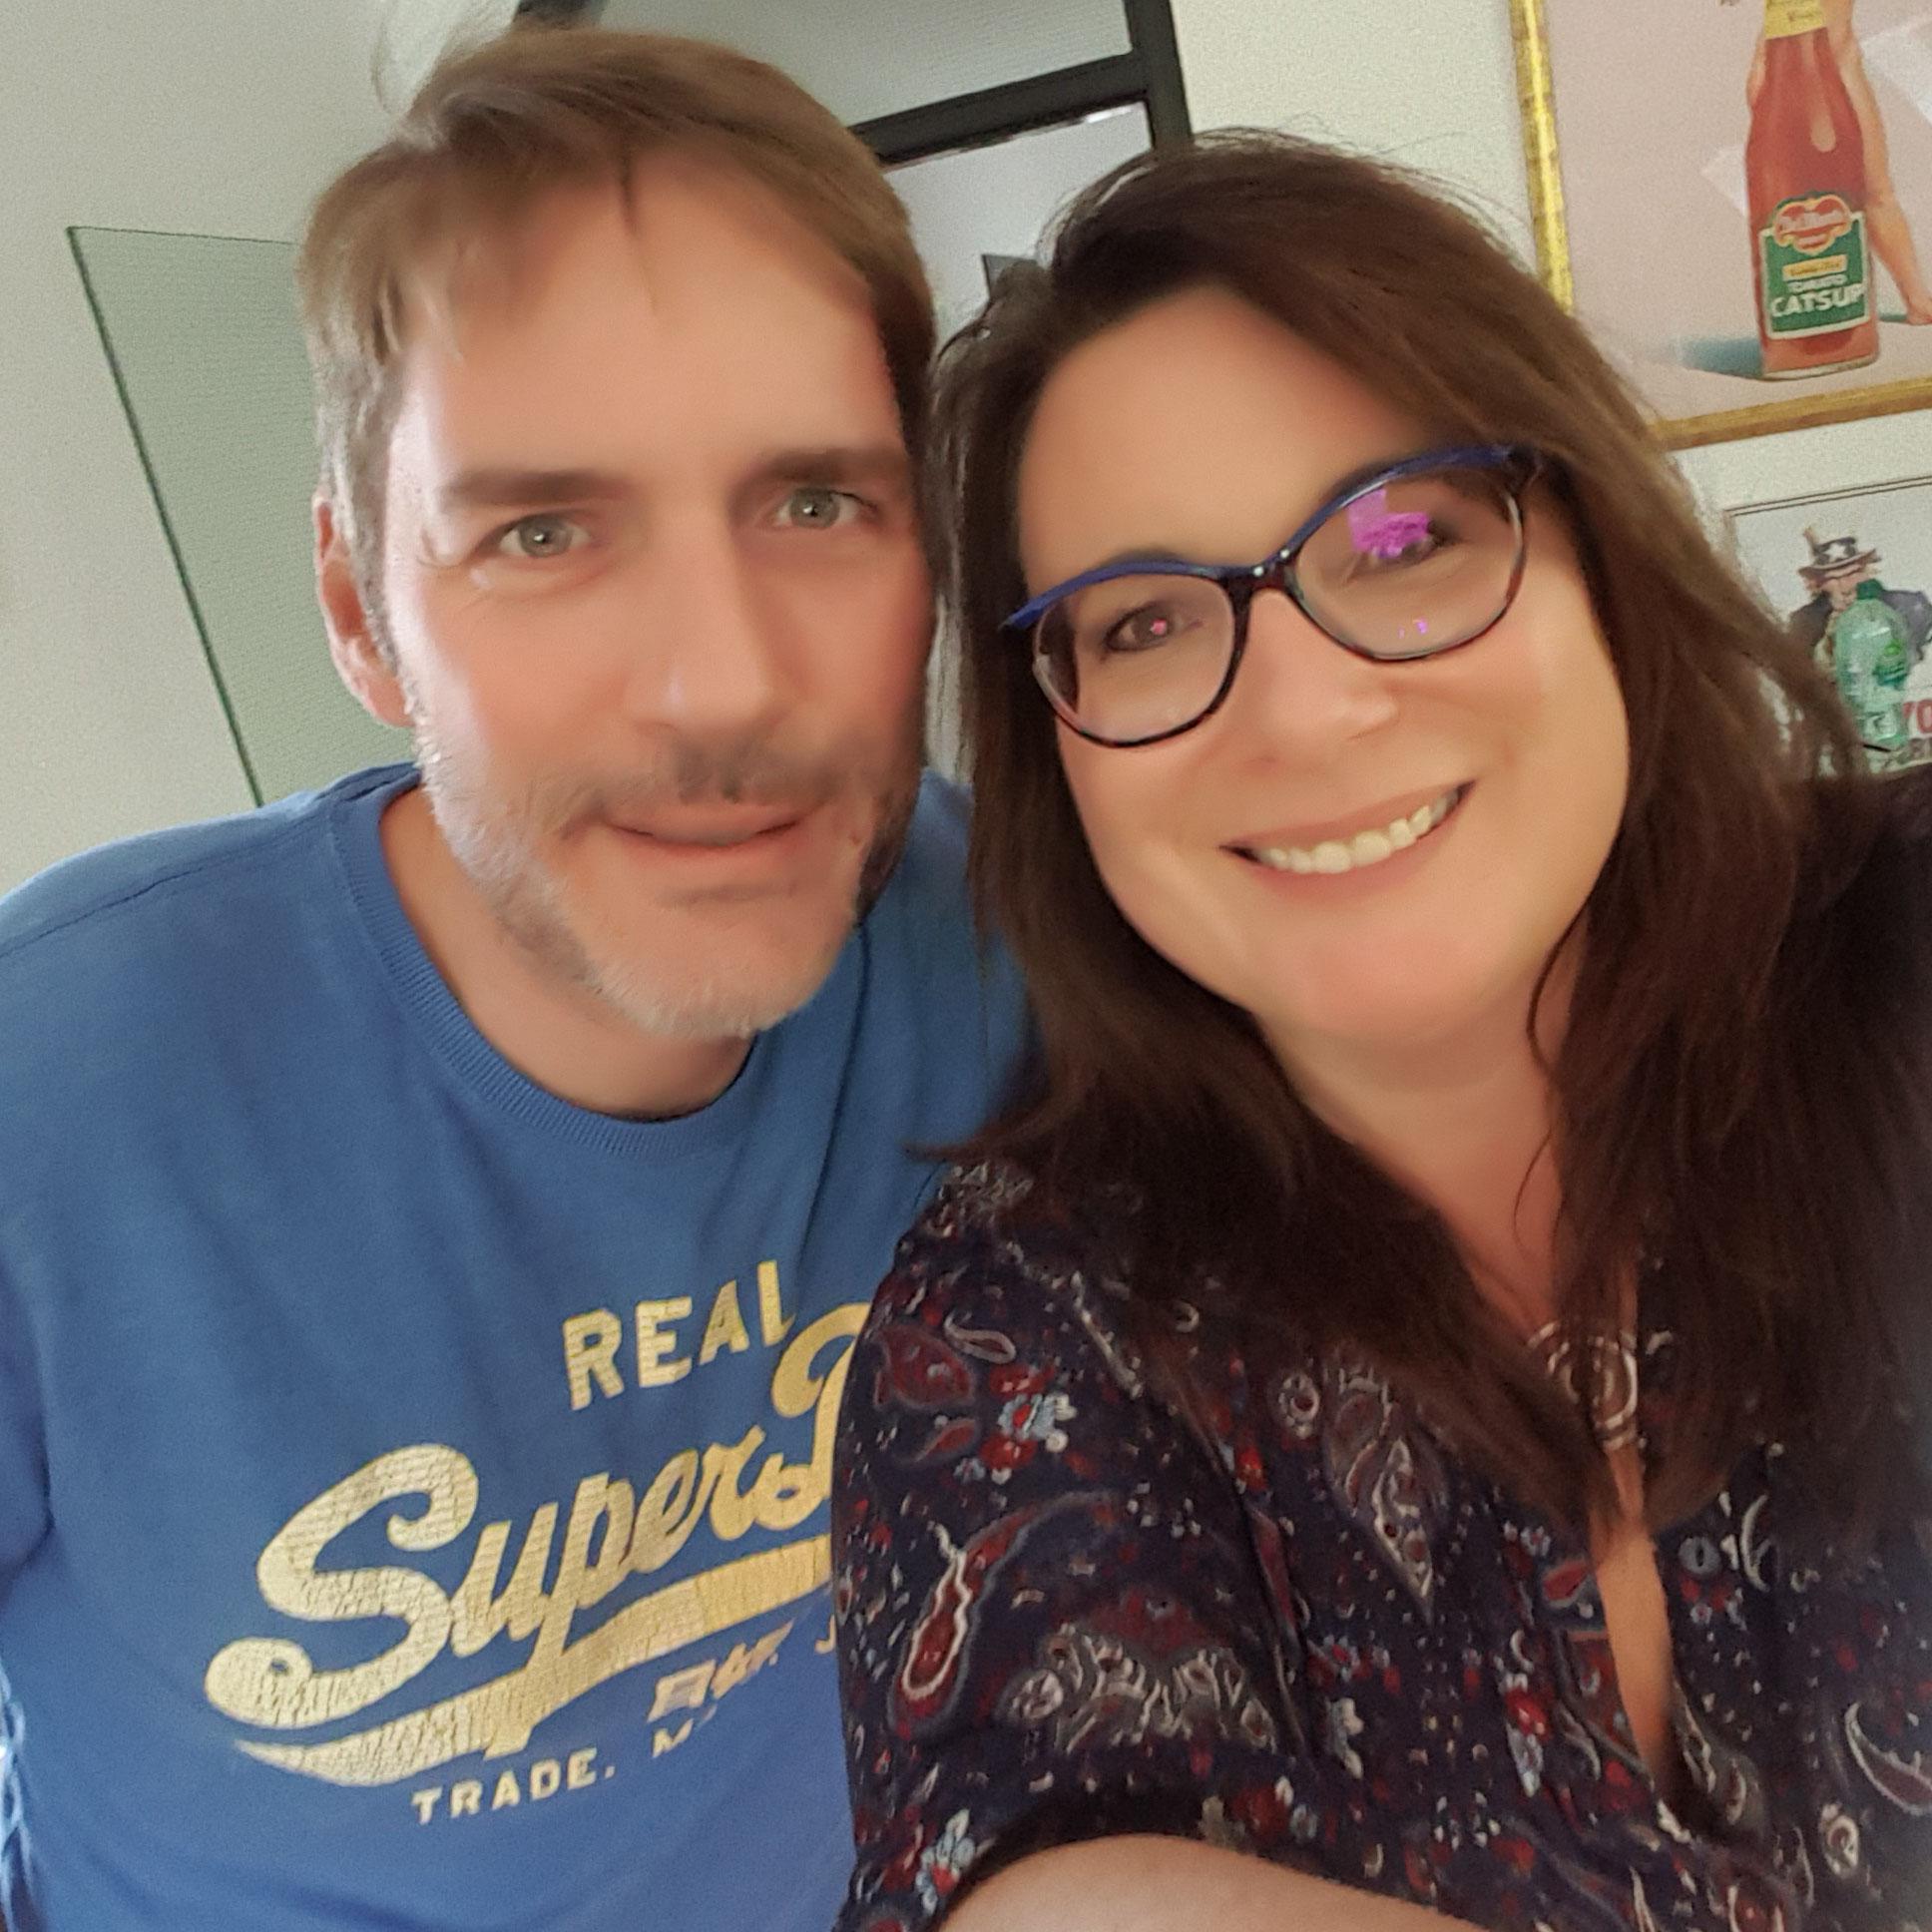 Björn Brost und Carmen Pitsch beim Podcast Interview in Düsseldorf